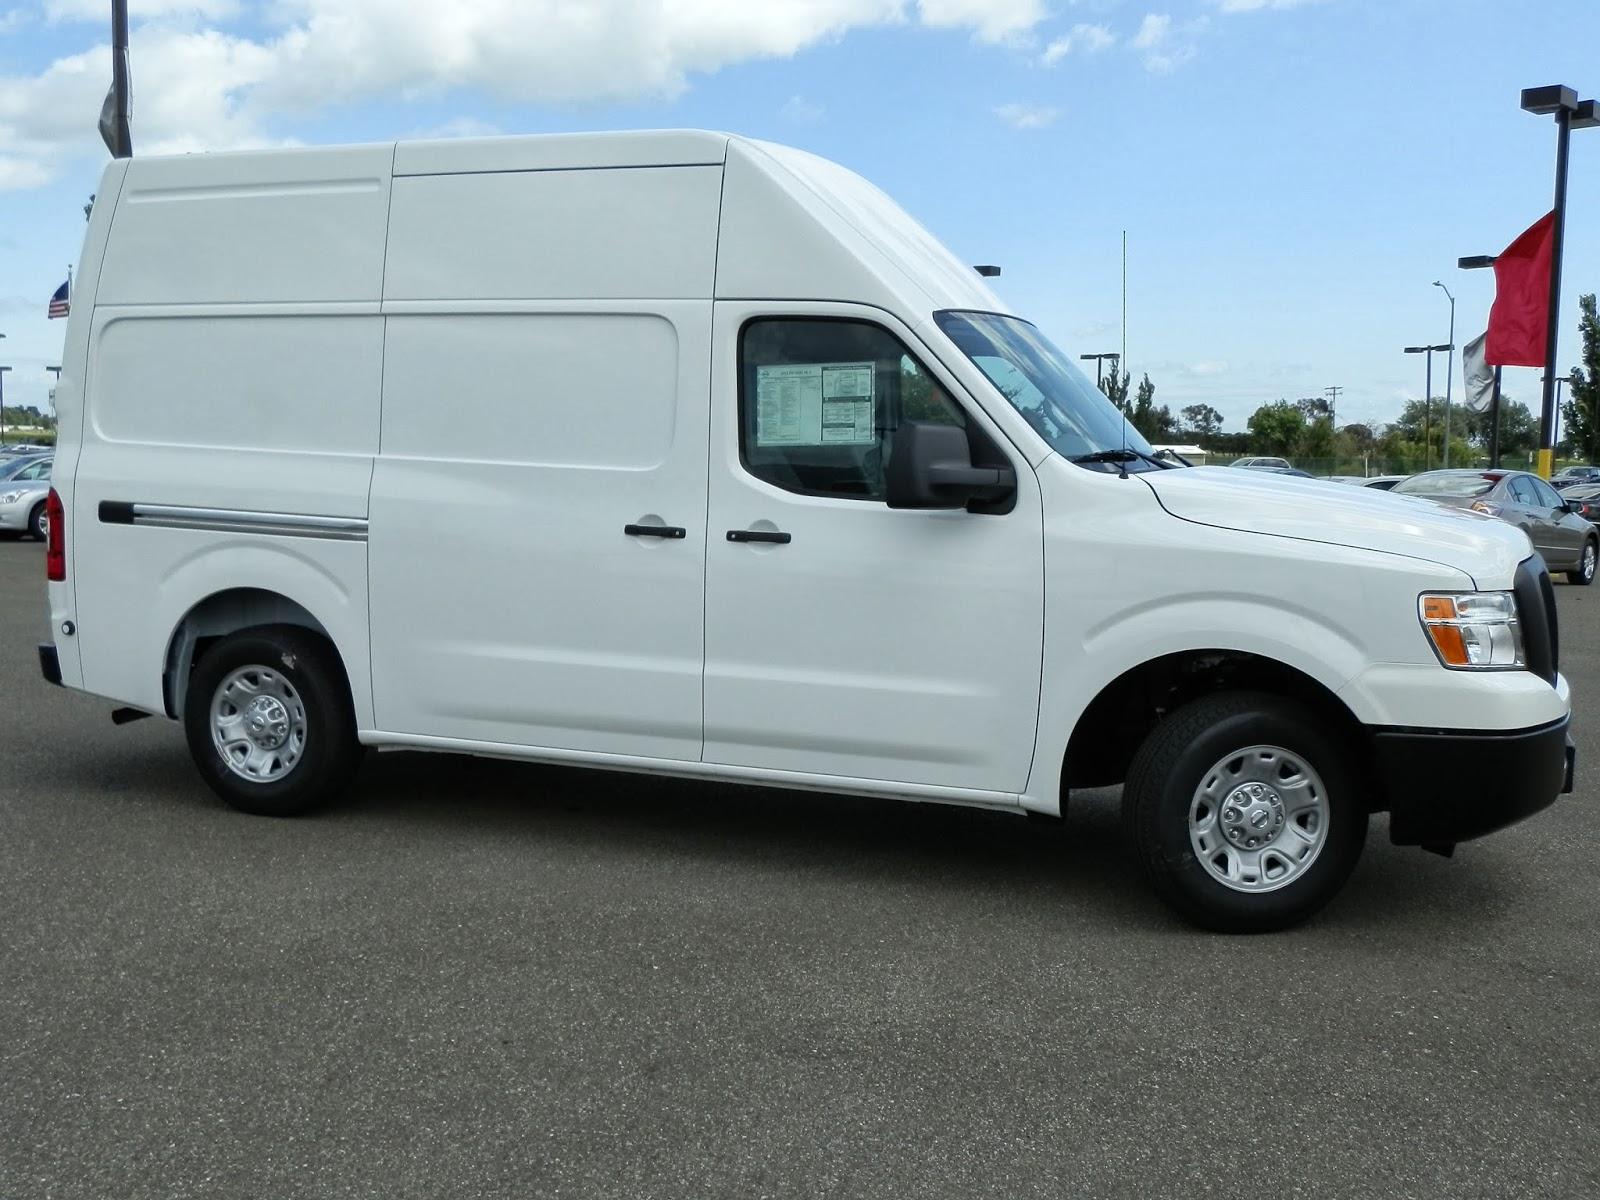 Nissan Of Elk Grove >> Vacaville Nissan Fleet: Vacaville Nissan NV Cargo Van of the Week